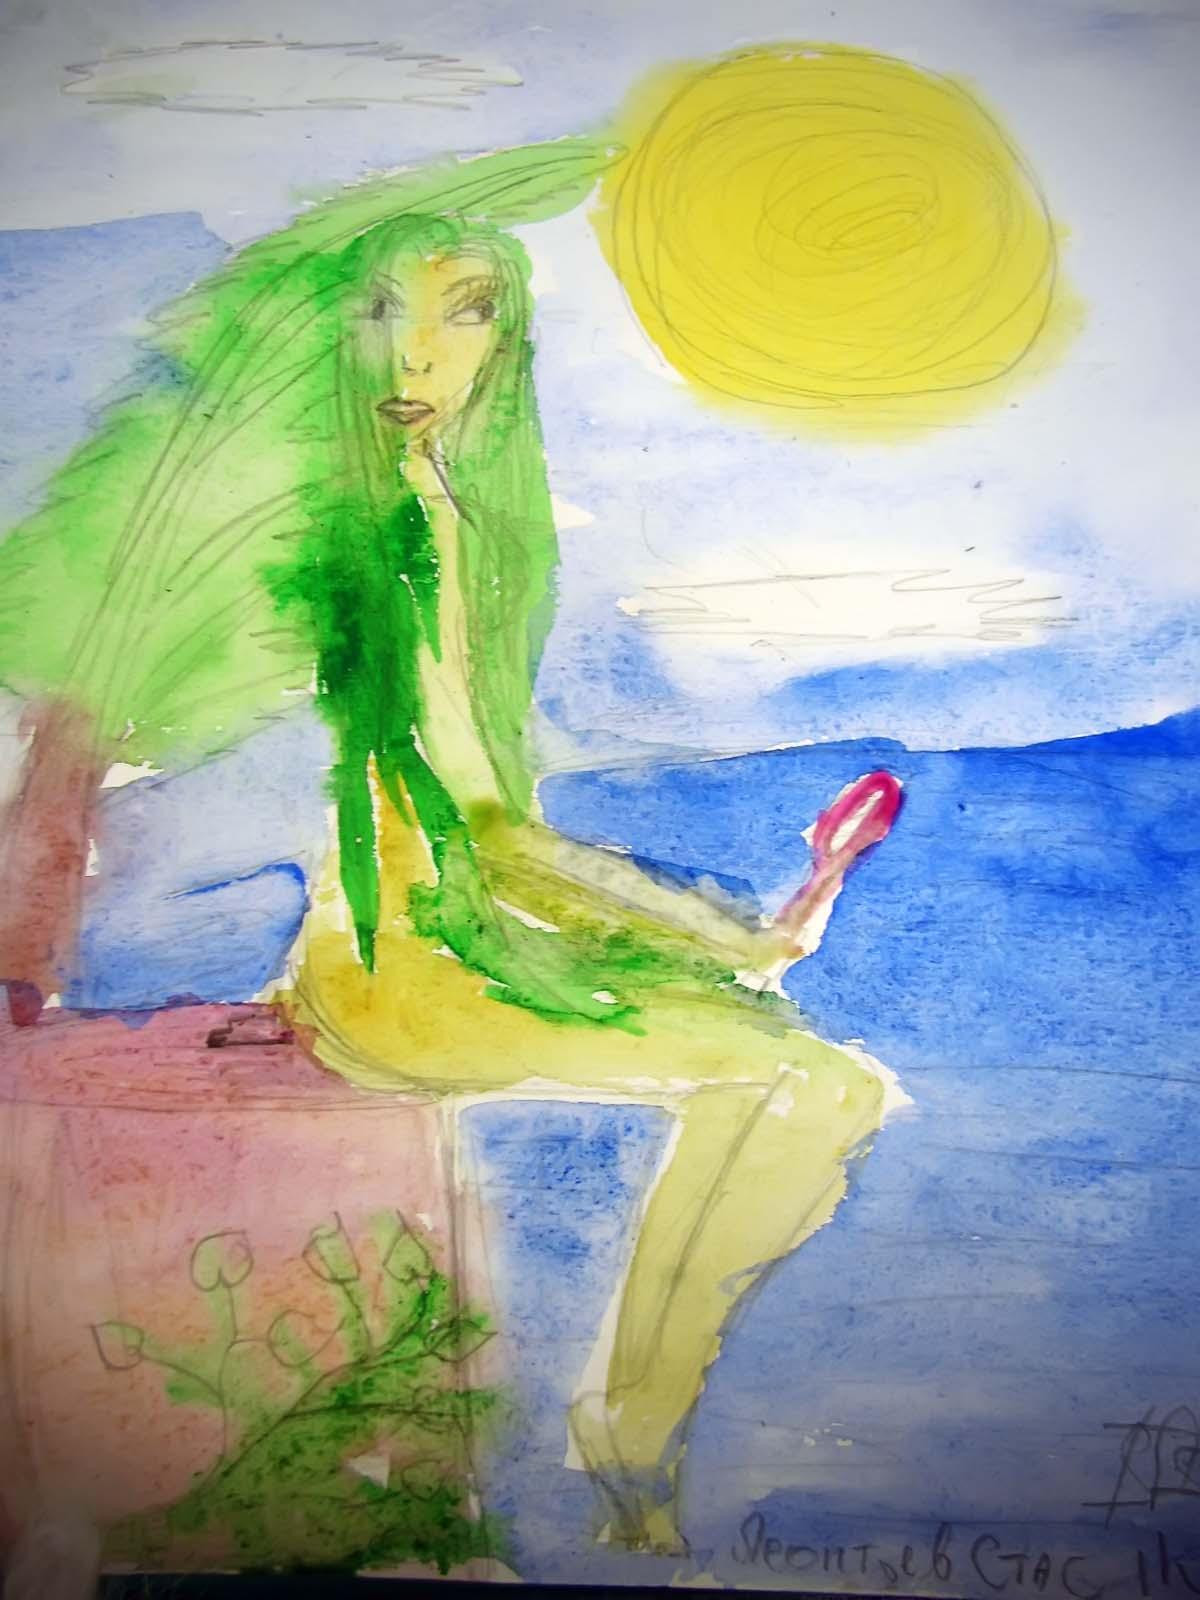 Фото №41100. Рисунок Леонтьева Стаса, 11 лет